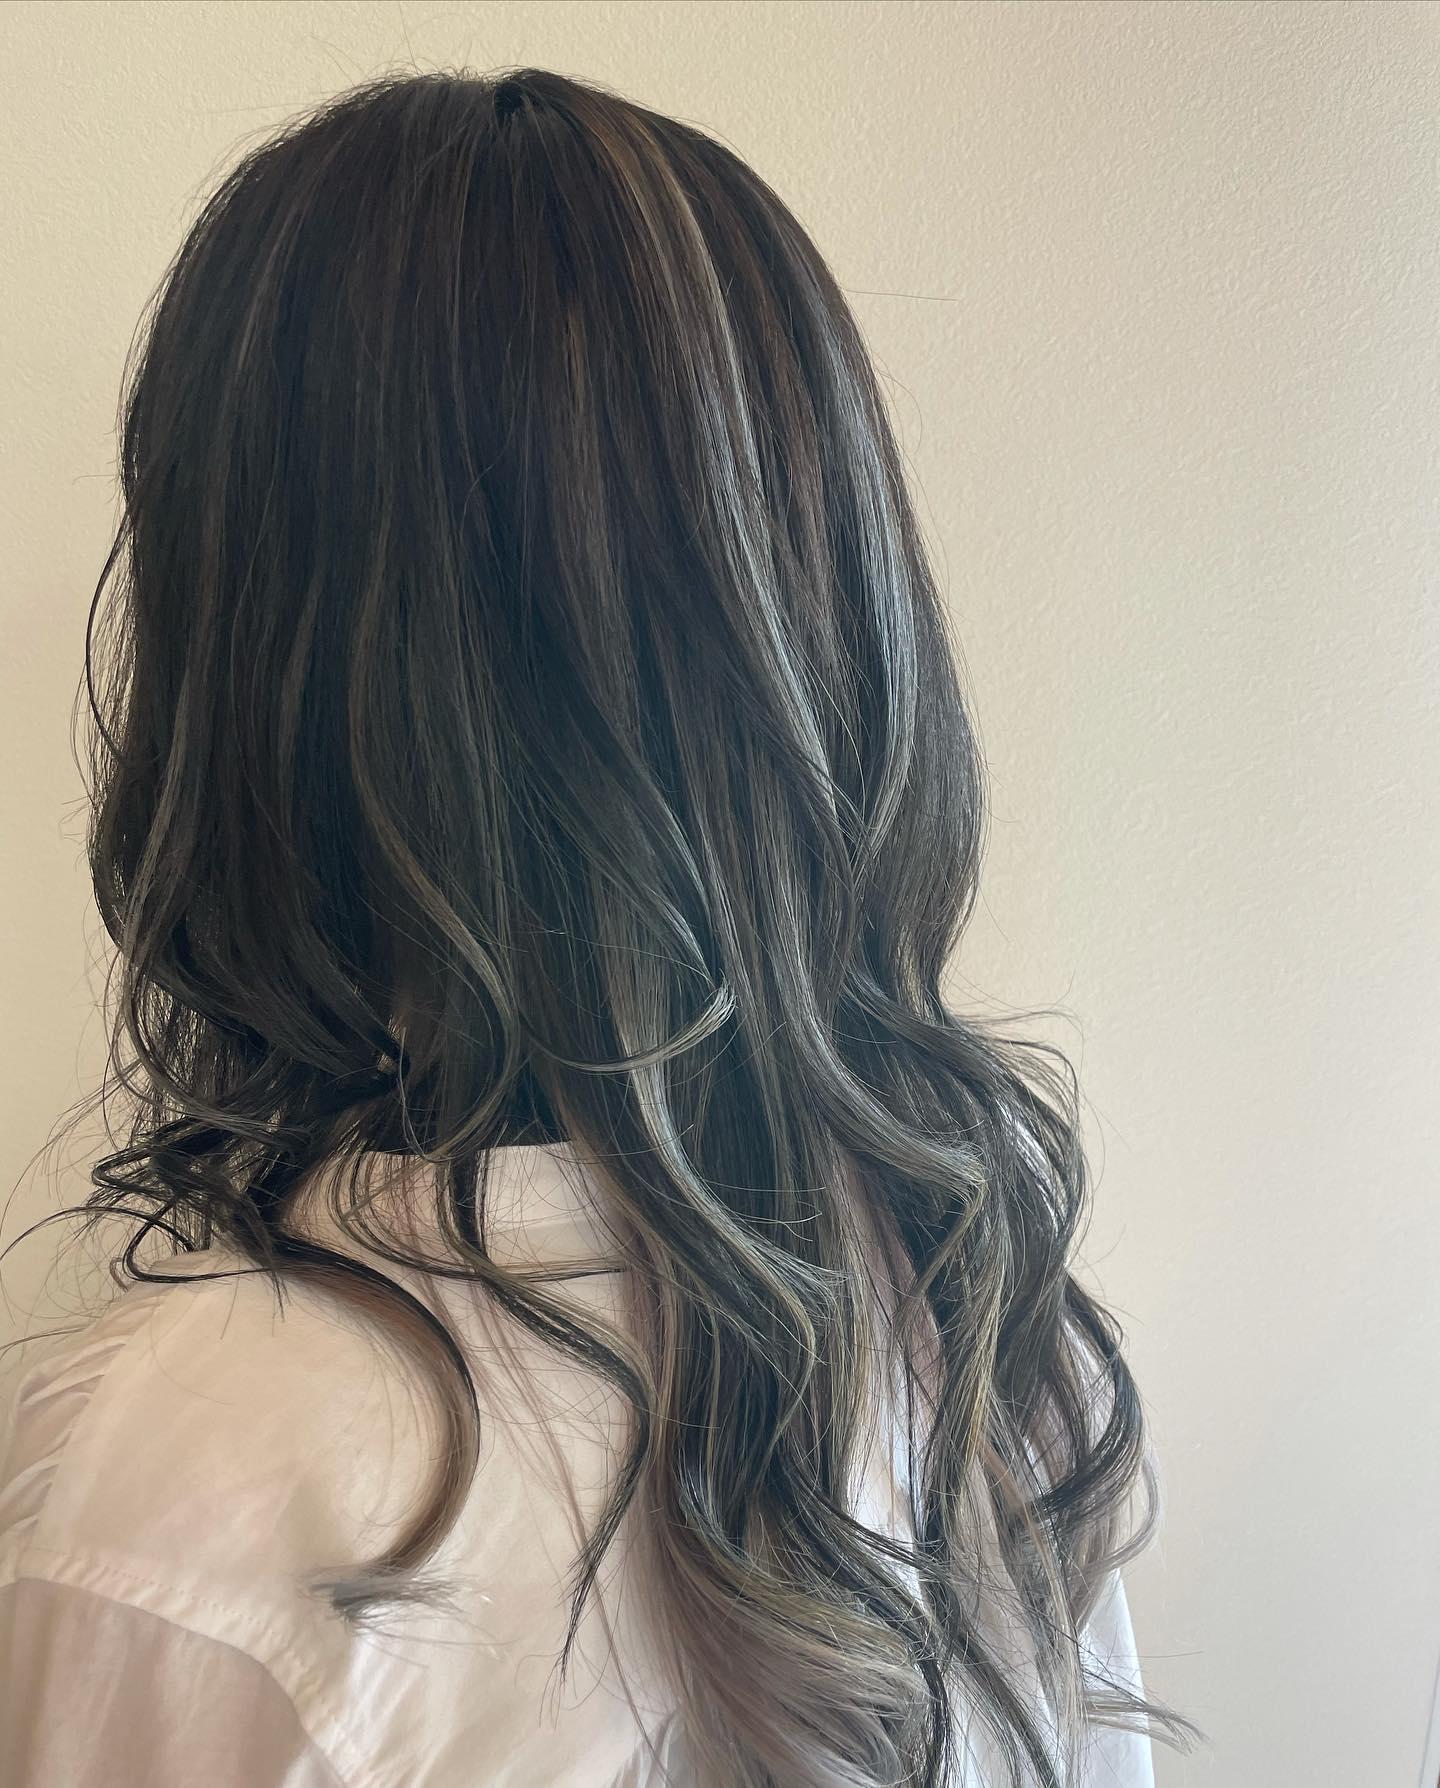 がらりとイメージチェンジ派手だけど派手じゃない😎前回のインナーカラーも生かして#totti #hair #color #perm #cut #hairstyle #haircolor #hairarrange #stylist #care #carelist #aujua #イルミナカラー #headspa #treatment #美容院